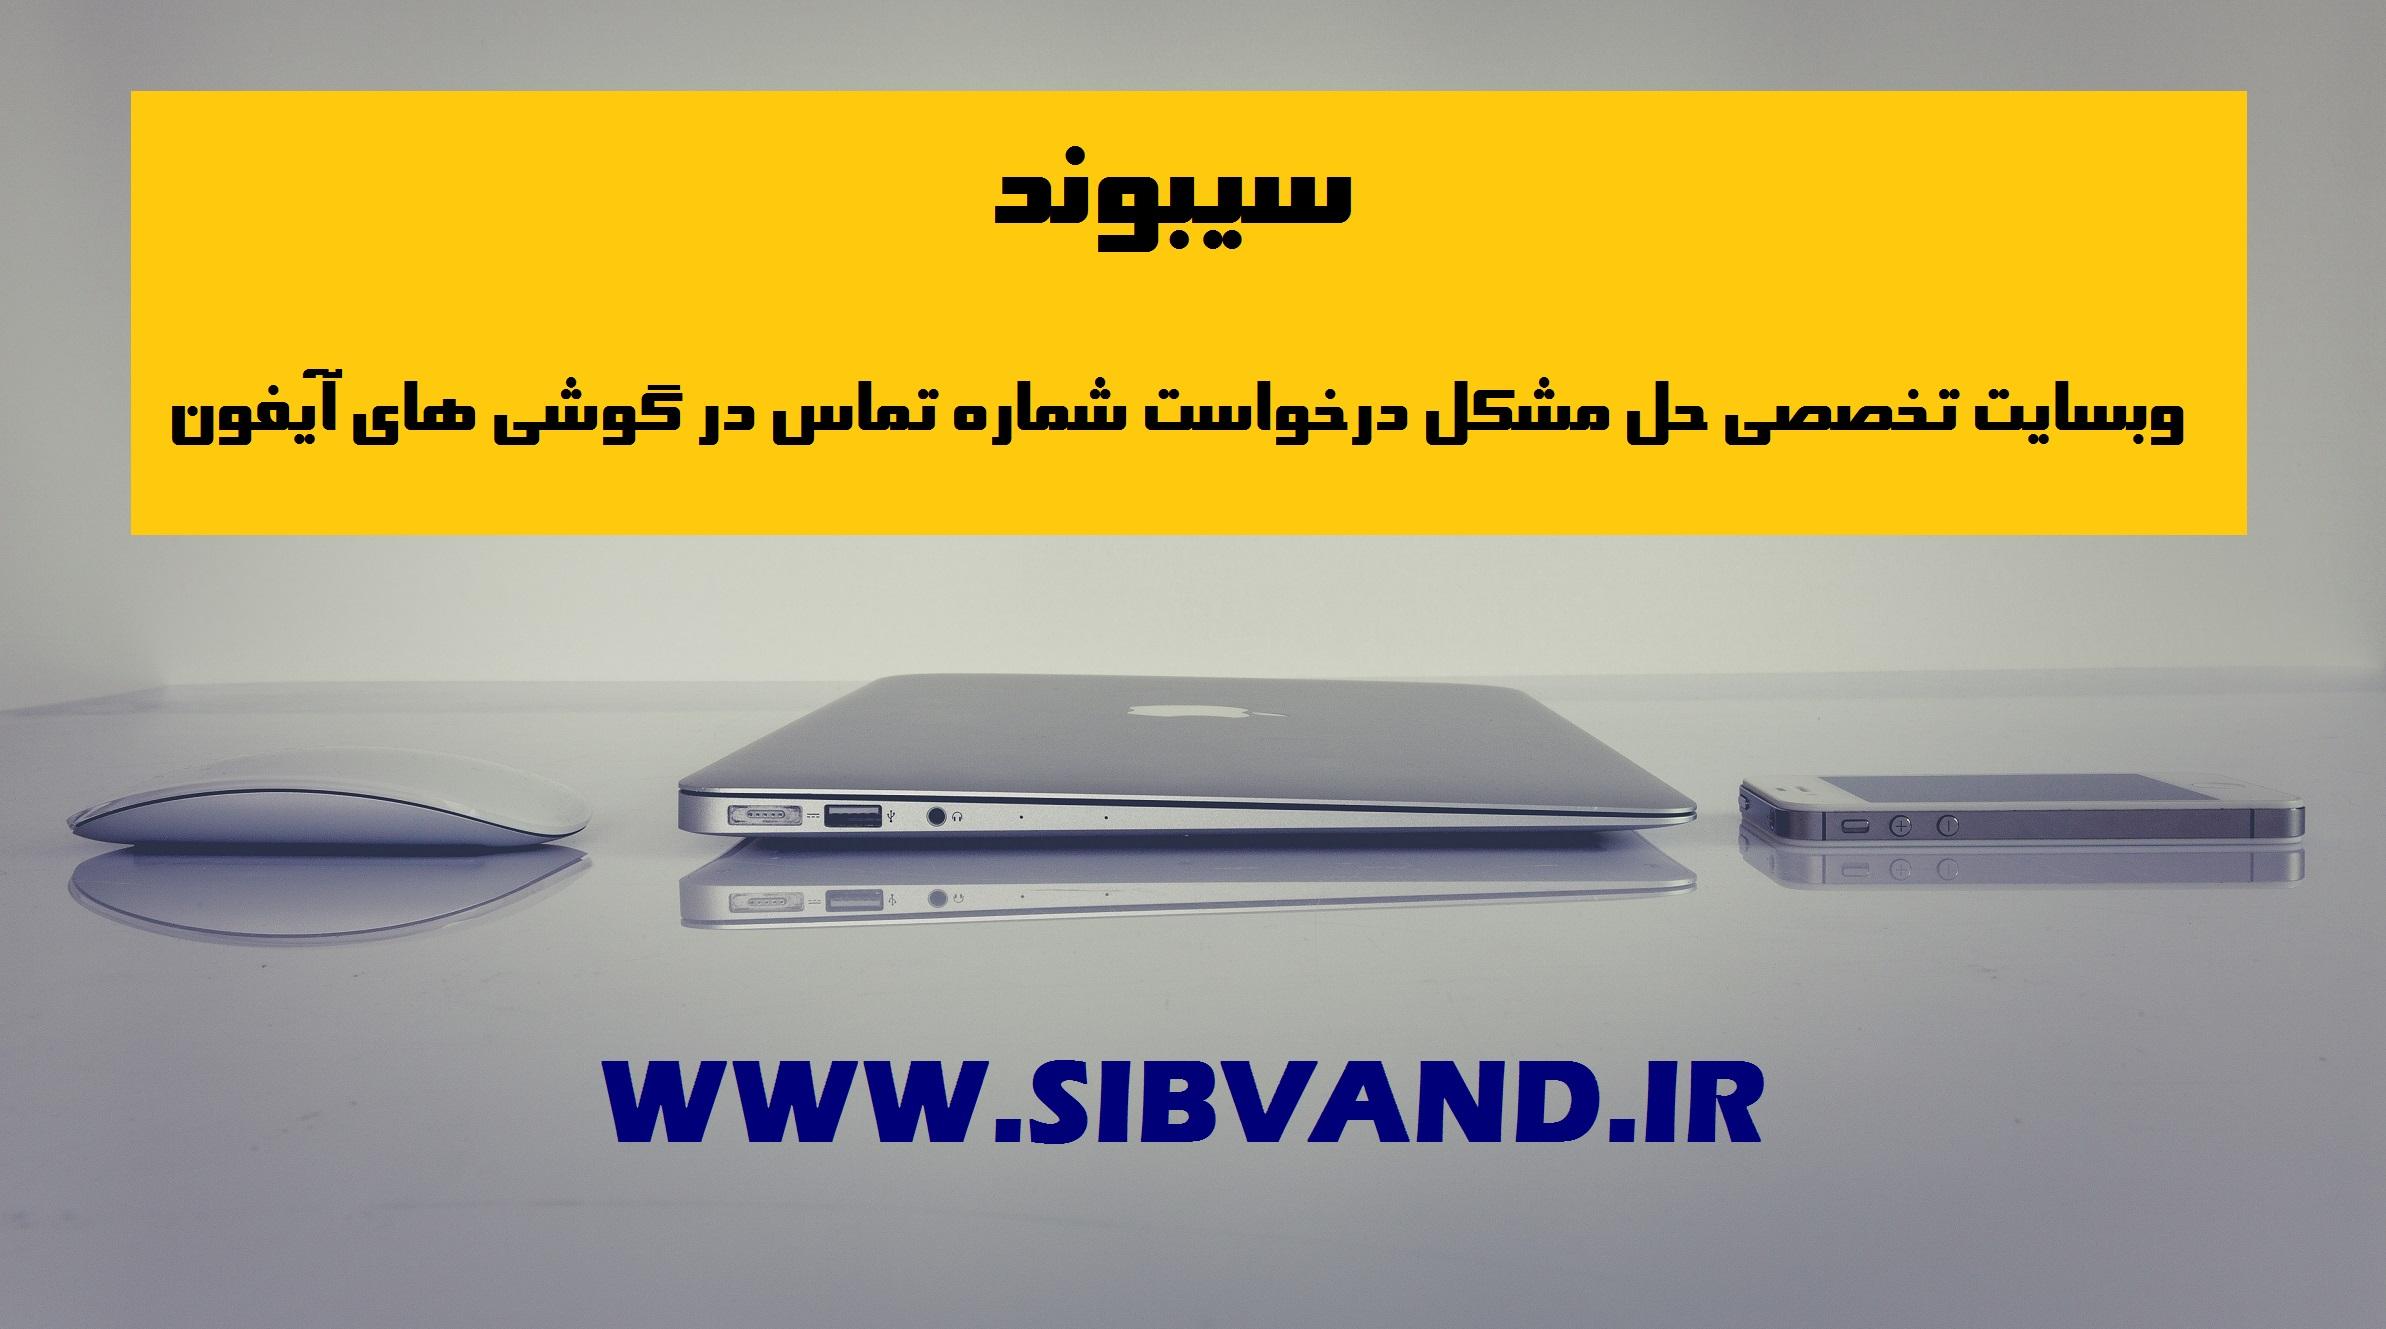 رفع مشکل درخواست شماره تماس پس از آپدیت به iOS 11 (بروزرسانی 21 مرداد 97)